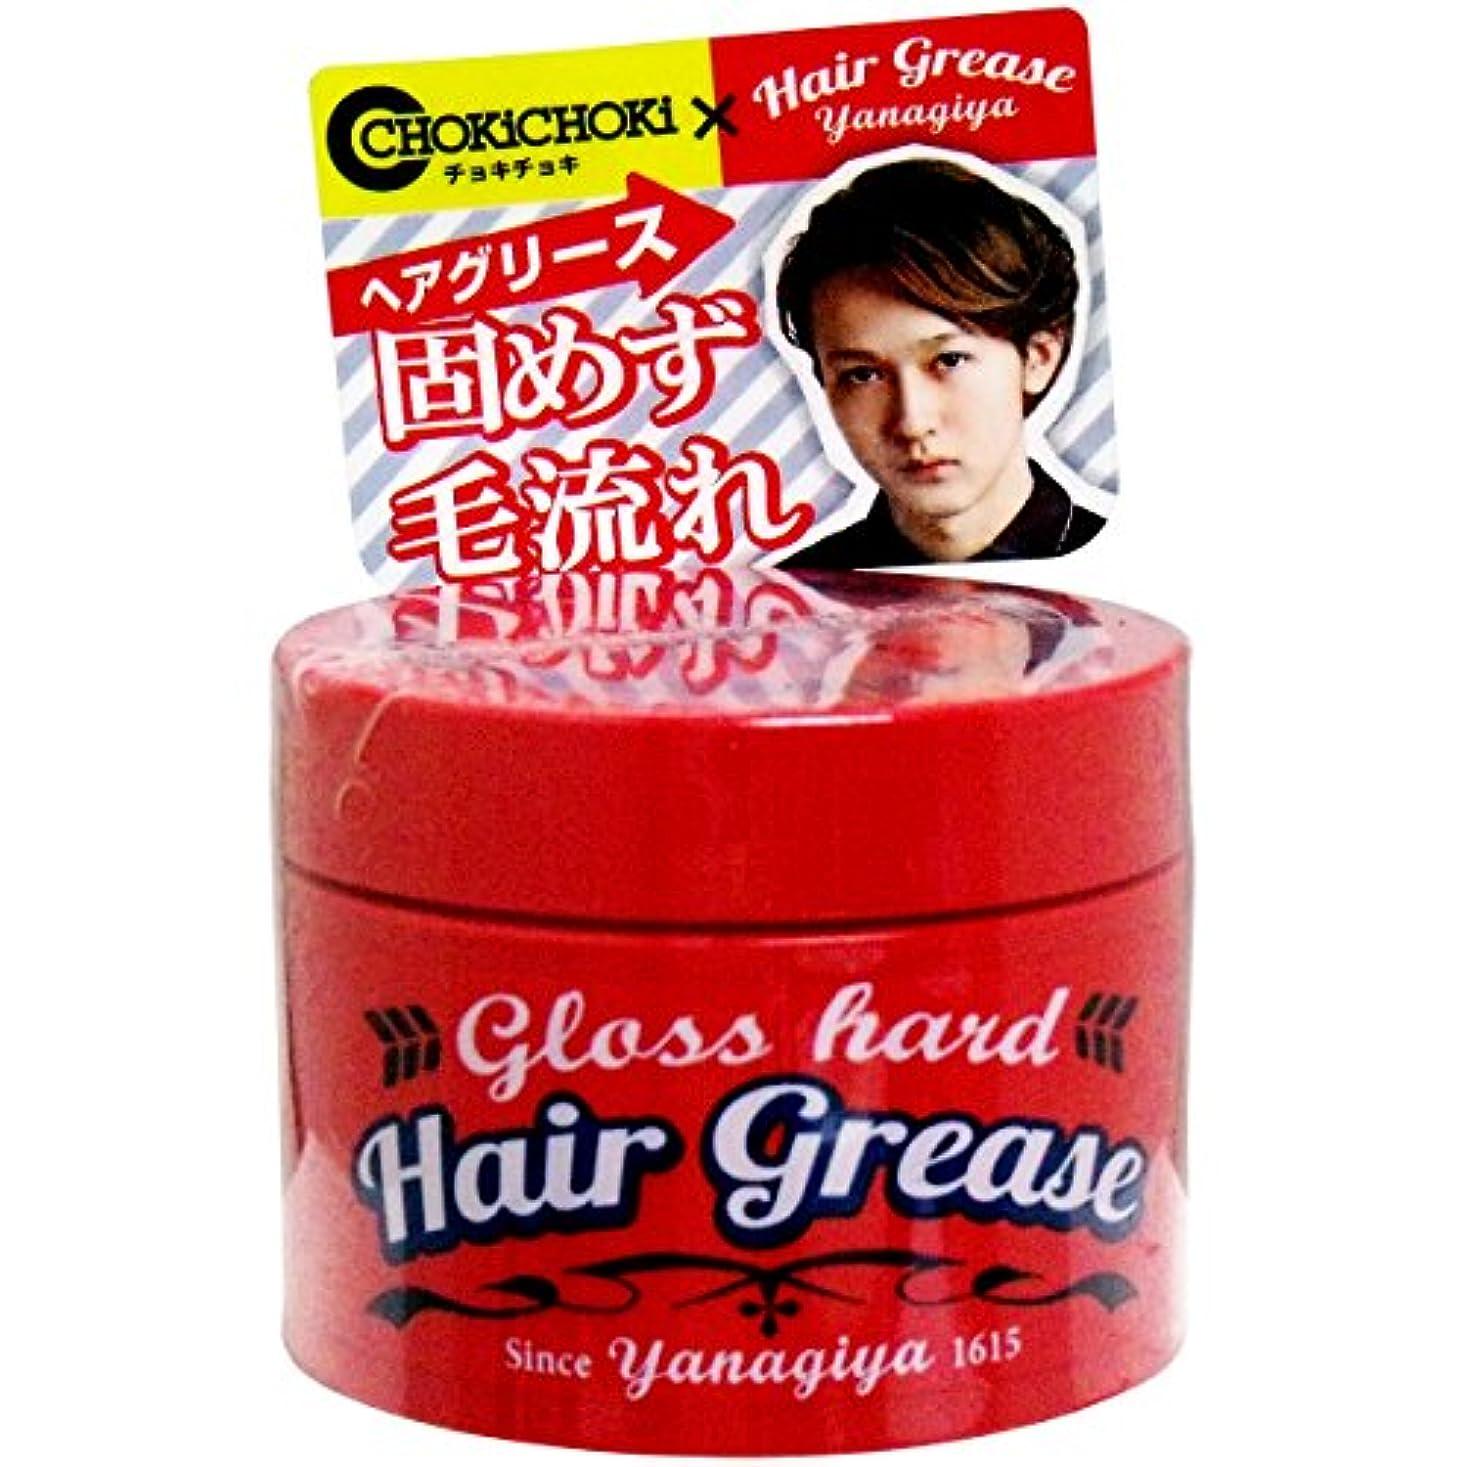 モンキーラダサロンヘアワックス 固めず毛流れ 使いやすい YANAGIYA ヘアグリース グロスハード 90g入【2個セット】